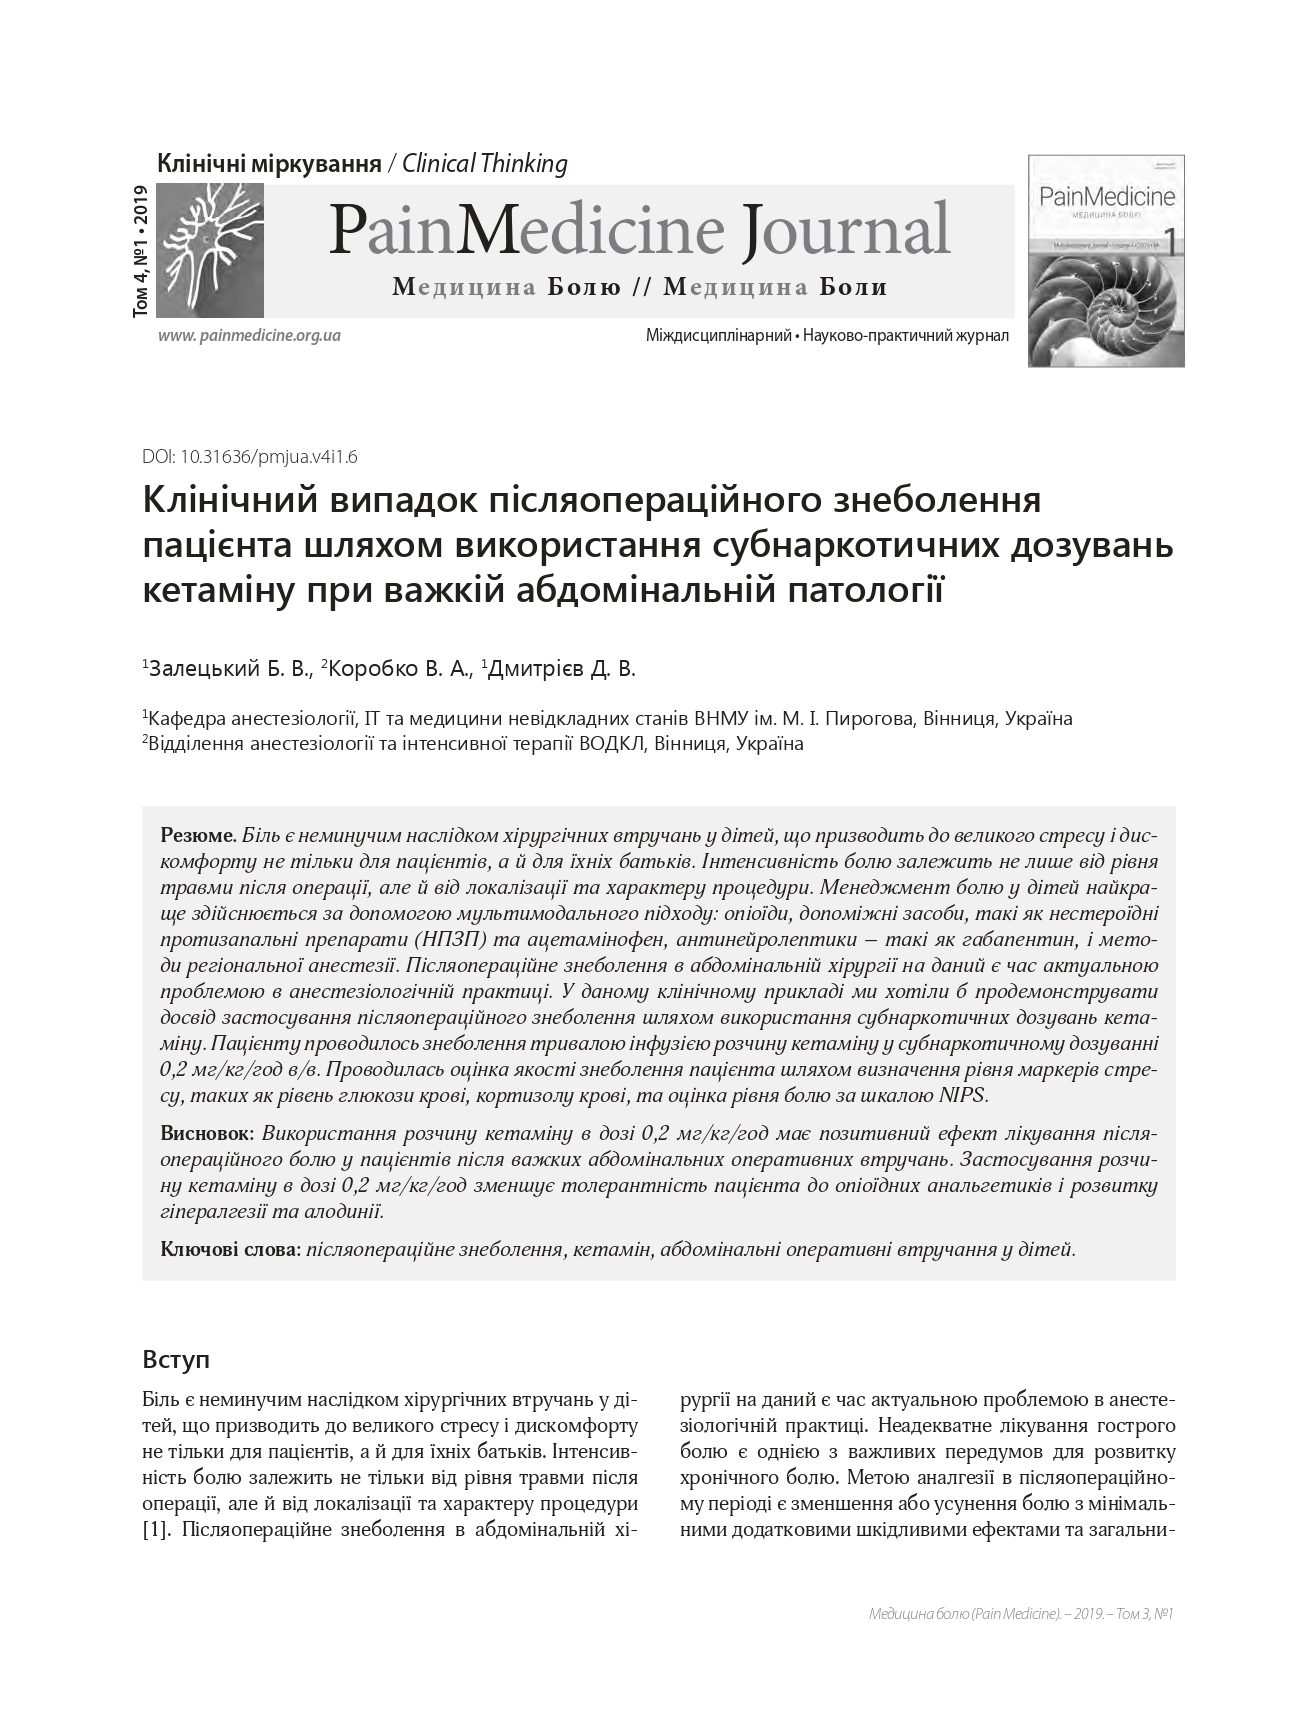 Клінічний випадок післяопераційного знеболення пацієнта шляхом використання субнаркотичних дозувань кетаміну при важкій абдомінальній патології